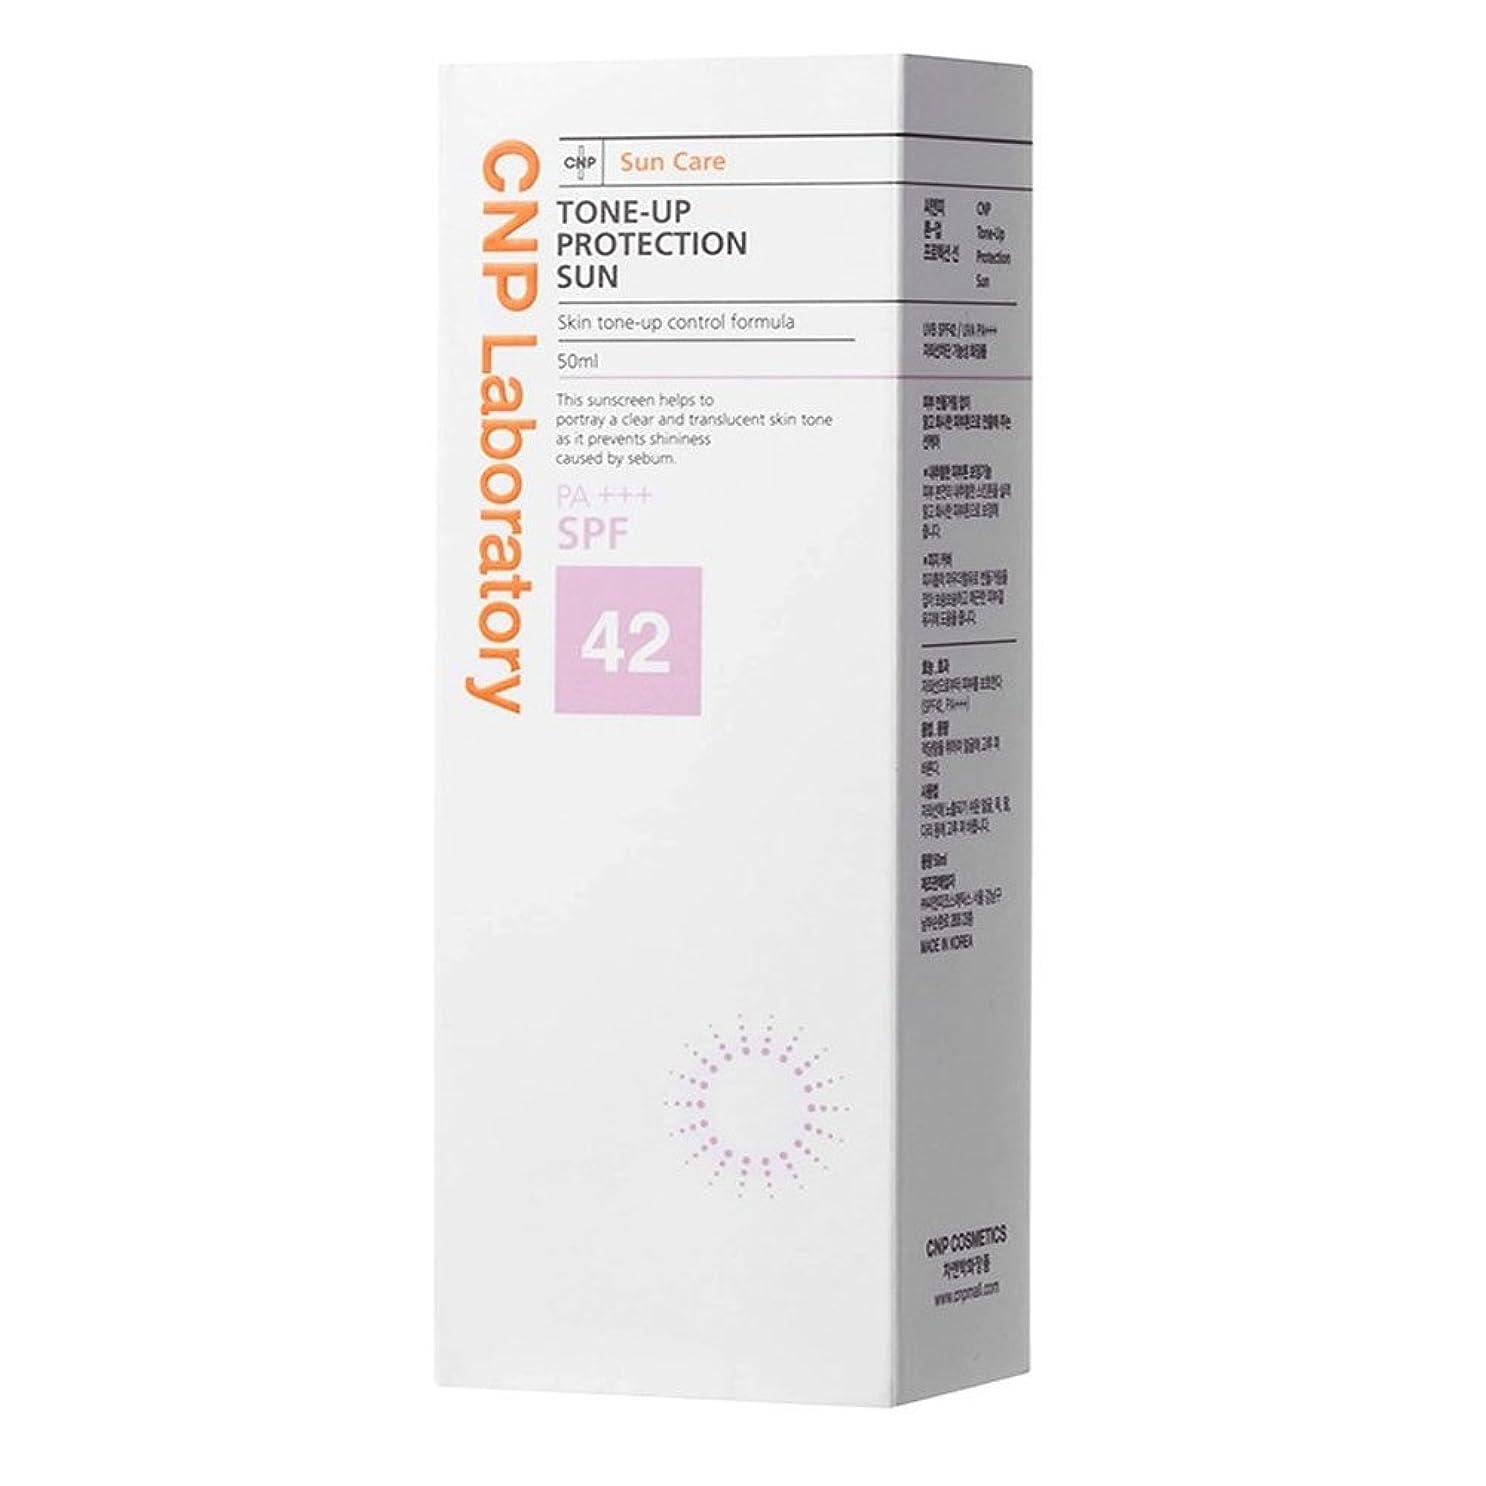 間違いなく過度にメトロポリタンチャアンドパク(CNP) トンアッププロテクション日焼け止めクリーム 50ml/ CNP Tone-Up Protection Sun 50ml [並行輸入品]